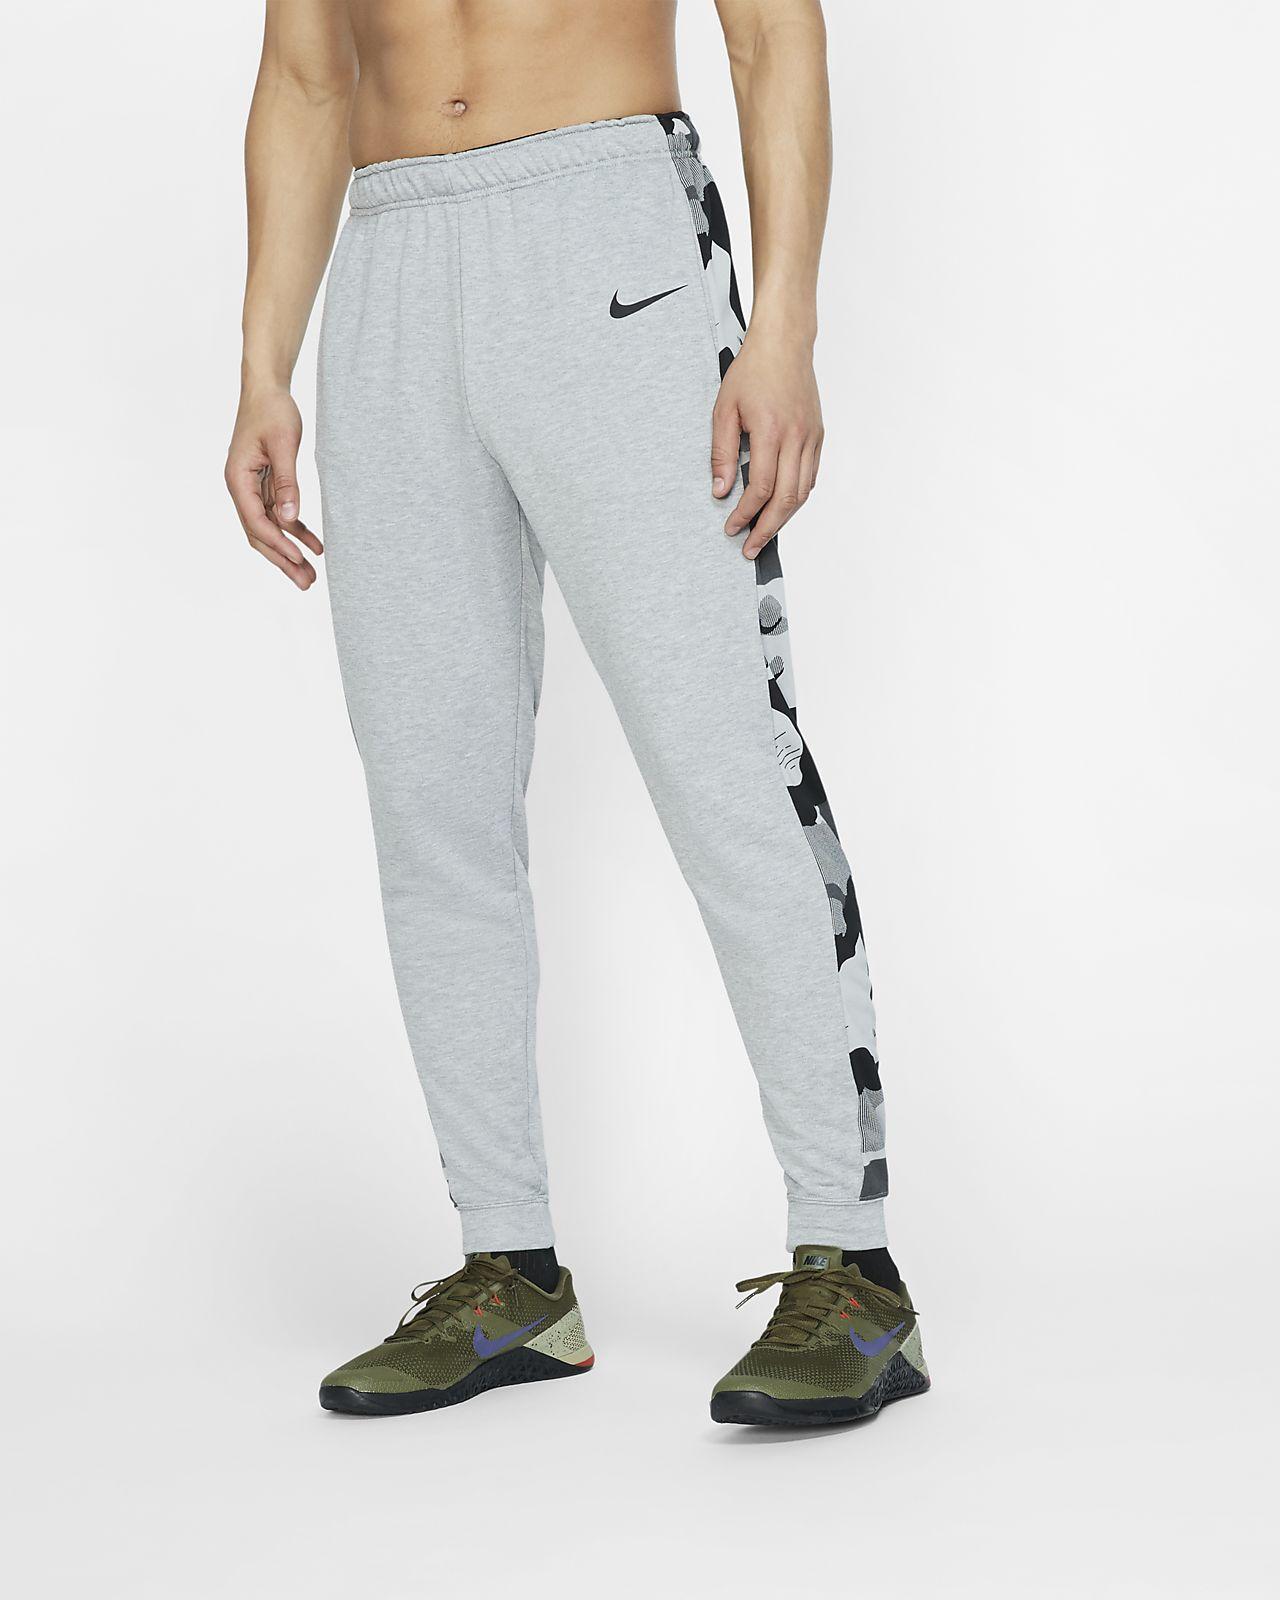 Nike Dri-FIT schmal zulaufende Fleece-Trainingshose für Herren